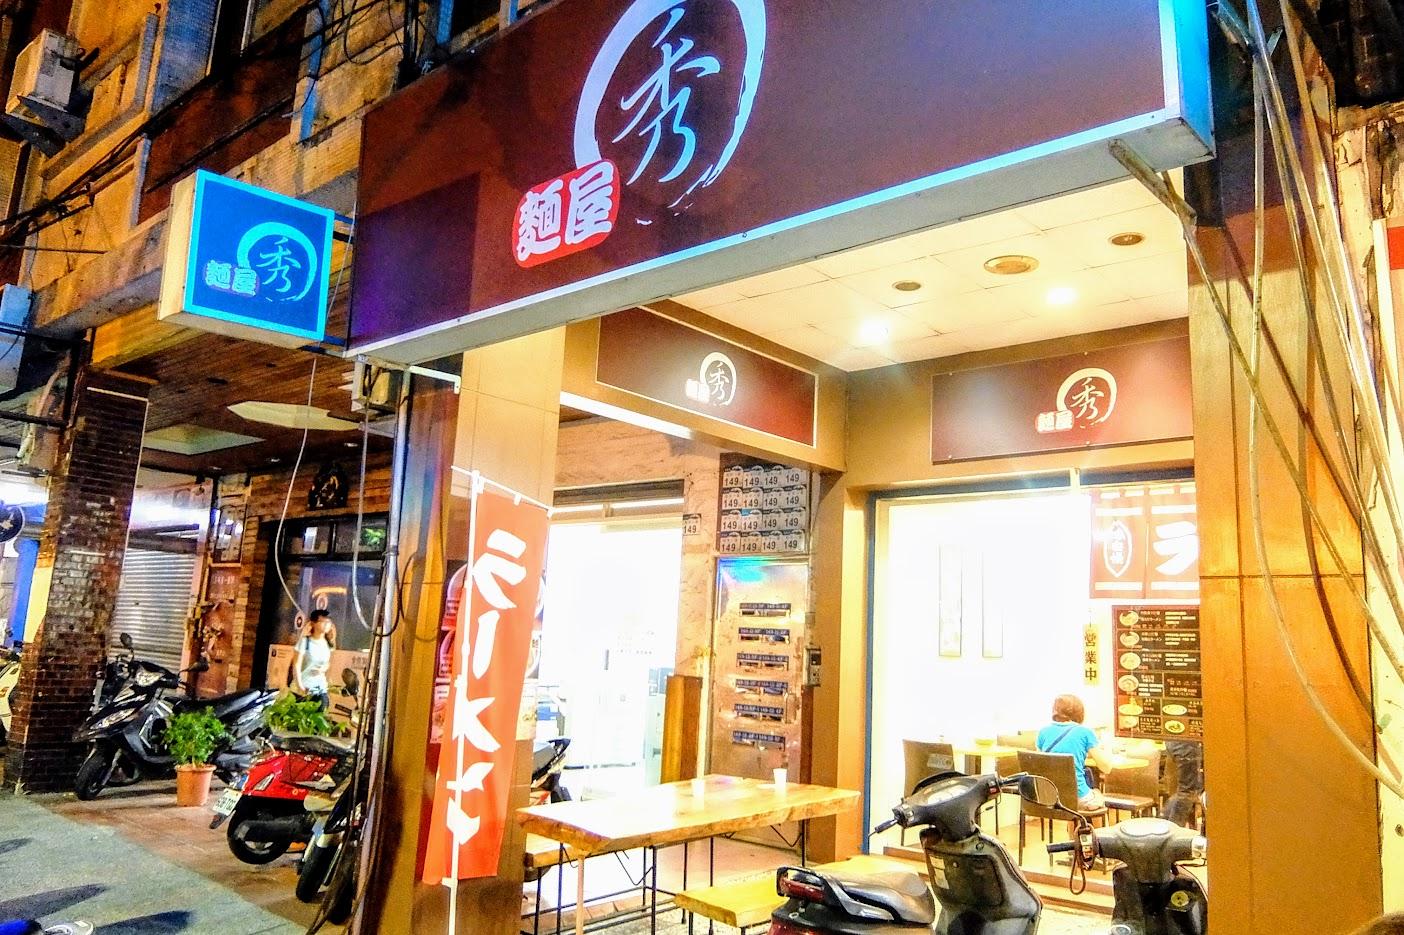 麵屋秀 店面,其實原本麵屋千代日本風較濃厚比較有fu,現在則是像個小餐館